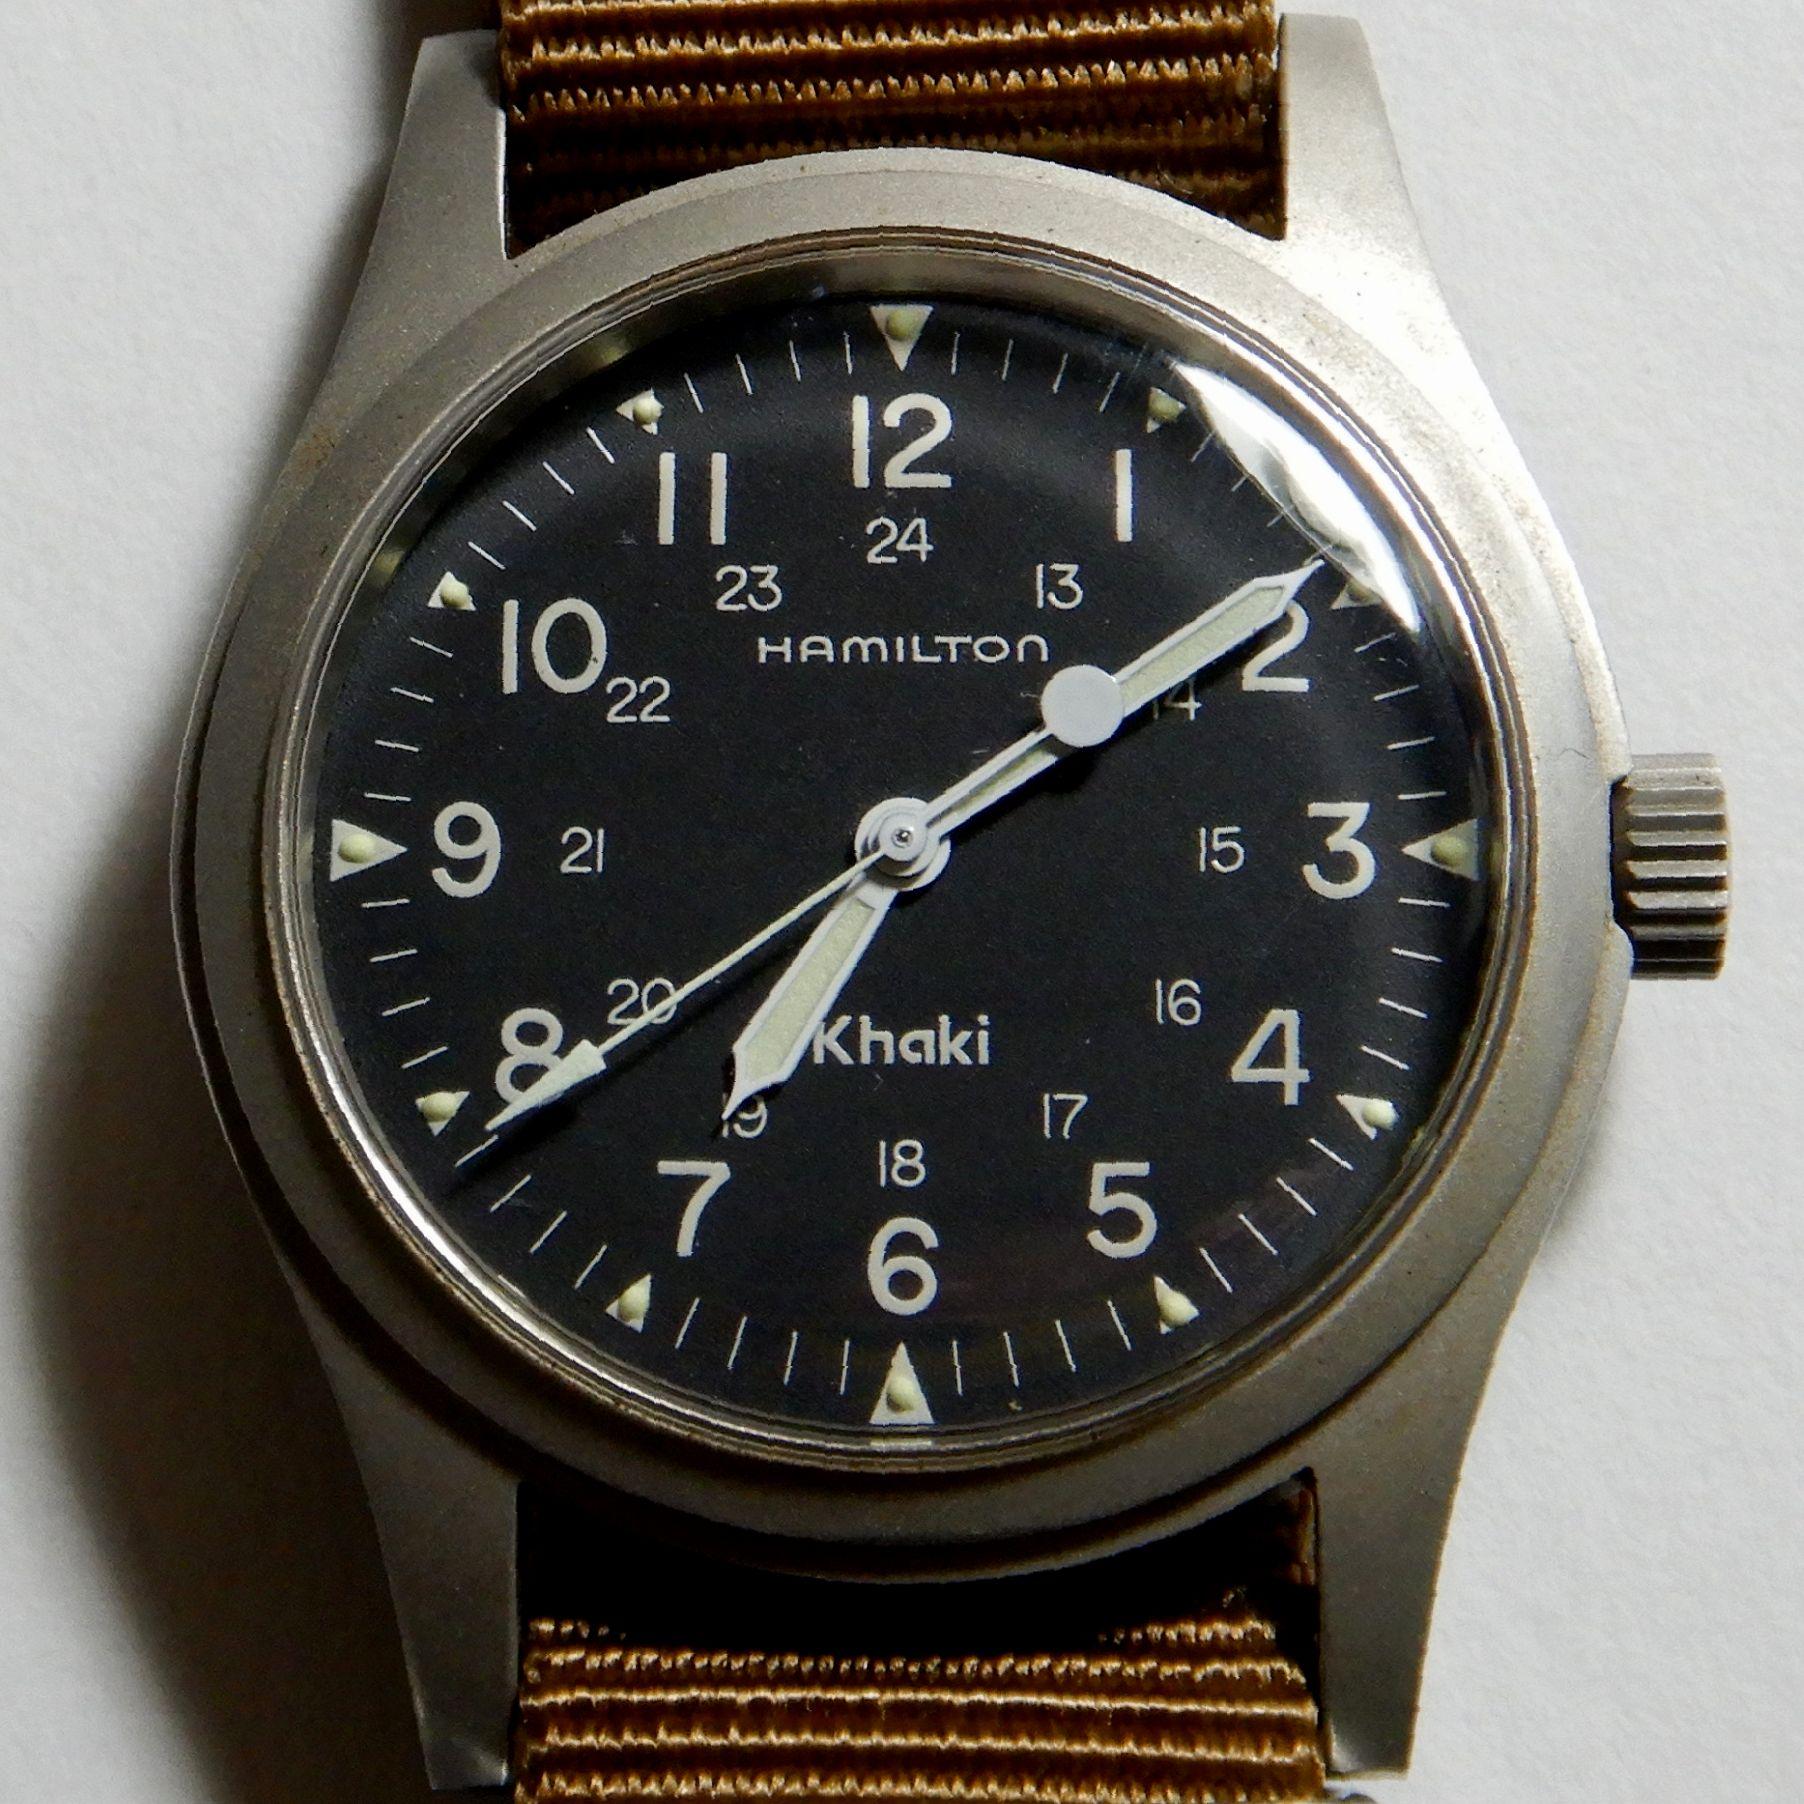 72d0c17f1a 泥沼時計収集メモ 本家の風格 ハミルトン カーキ 9415